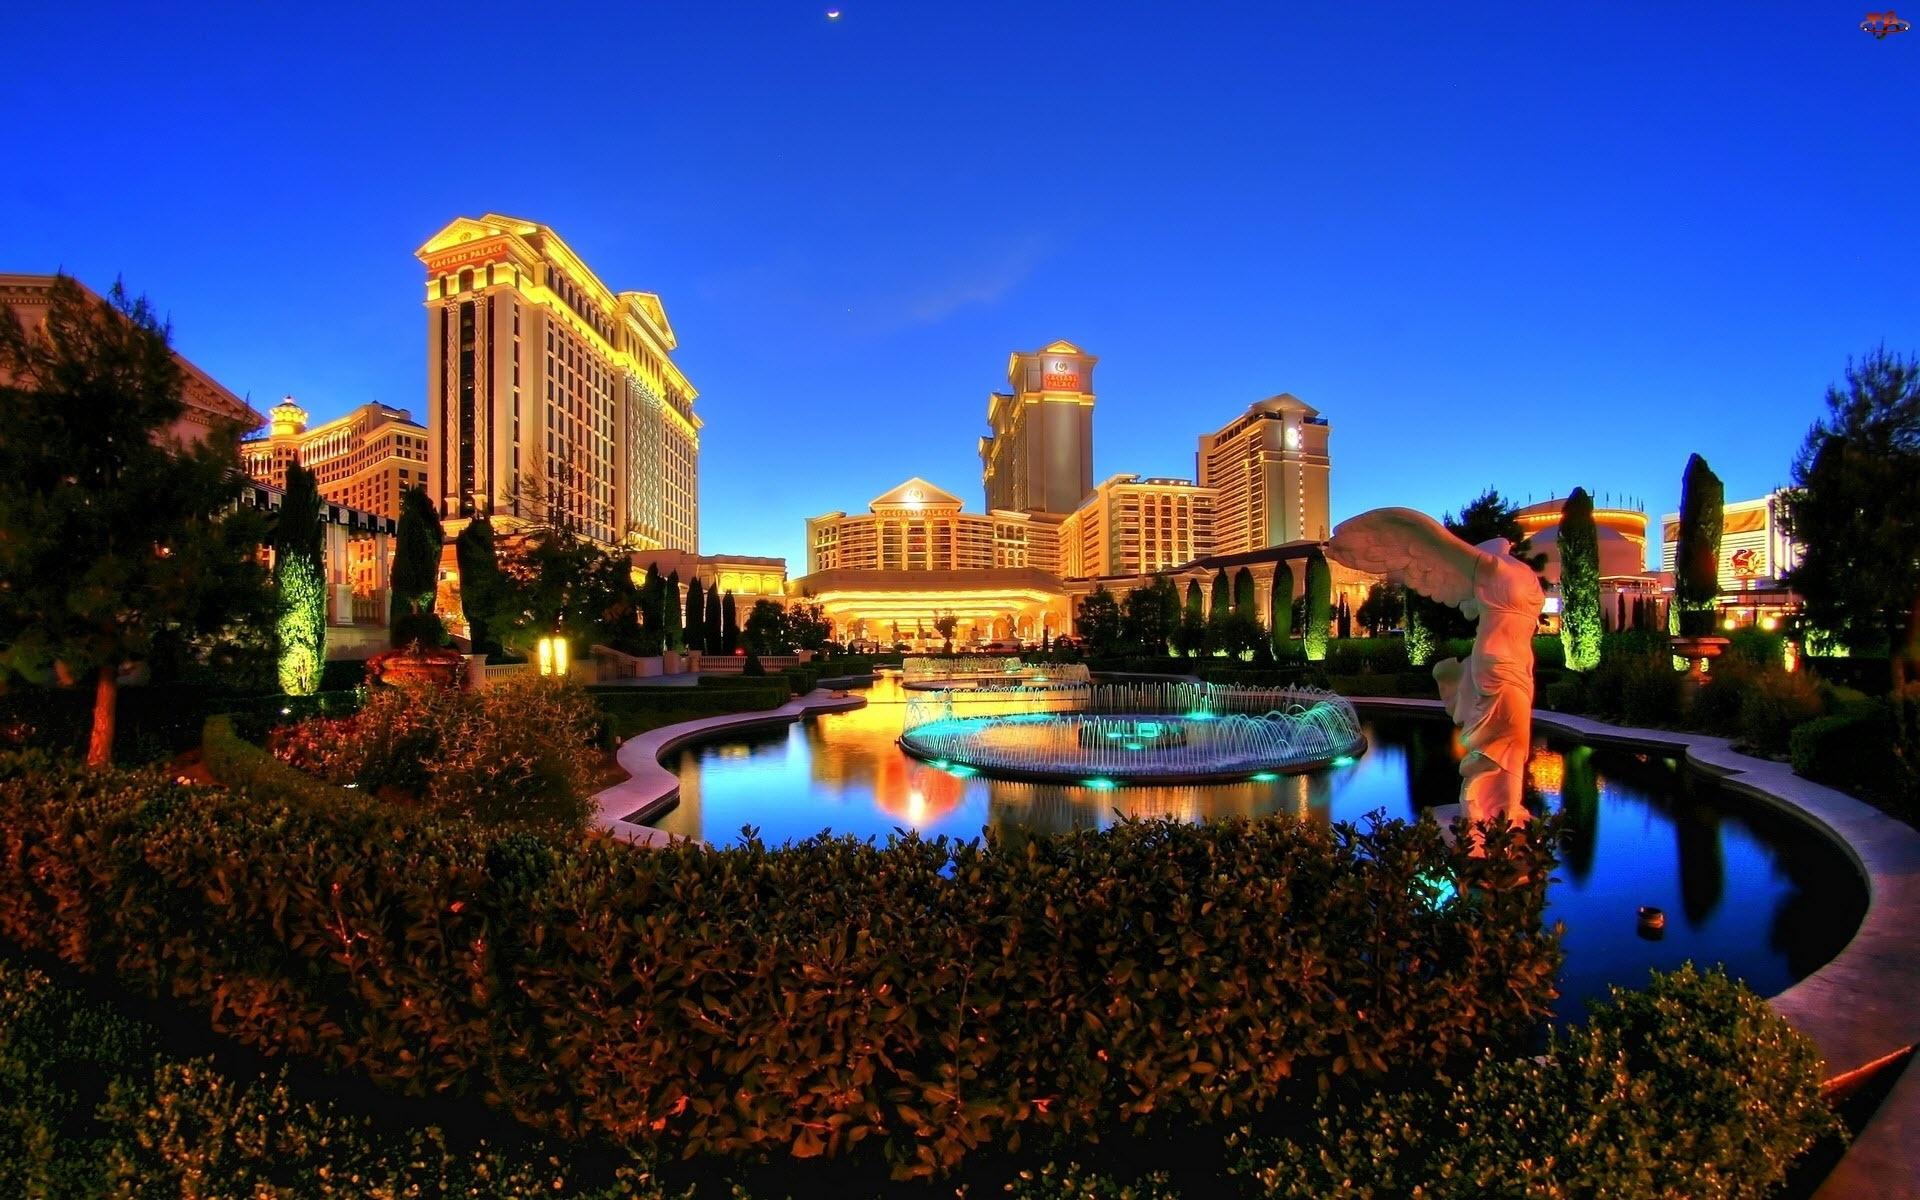 Fontanna, Miasto, Krzewy, Las Vegas